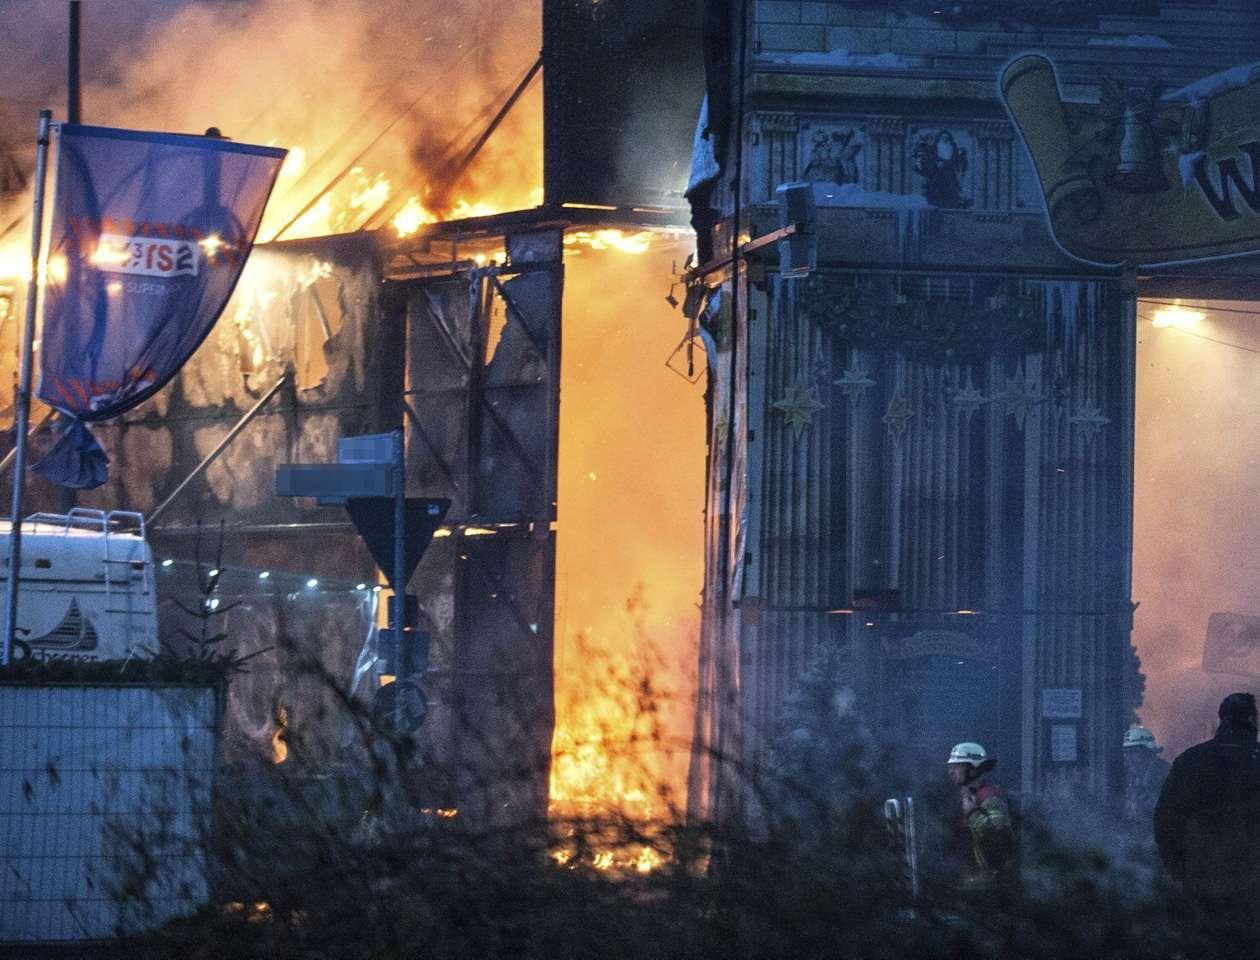 Los servicios de emergencia recibieron una llamada informando del incendio y al lugar acudieron bomberos de la región de Murcia y ambulancias con personal sanitario. Imagen de ilustración Foto: EFE/Archivo